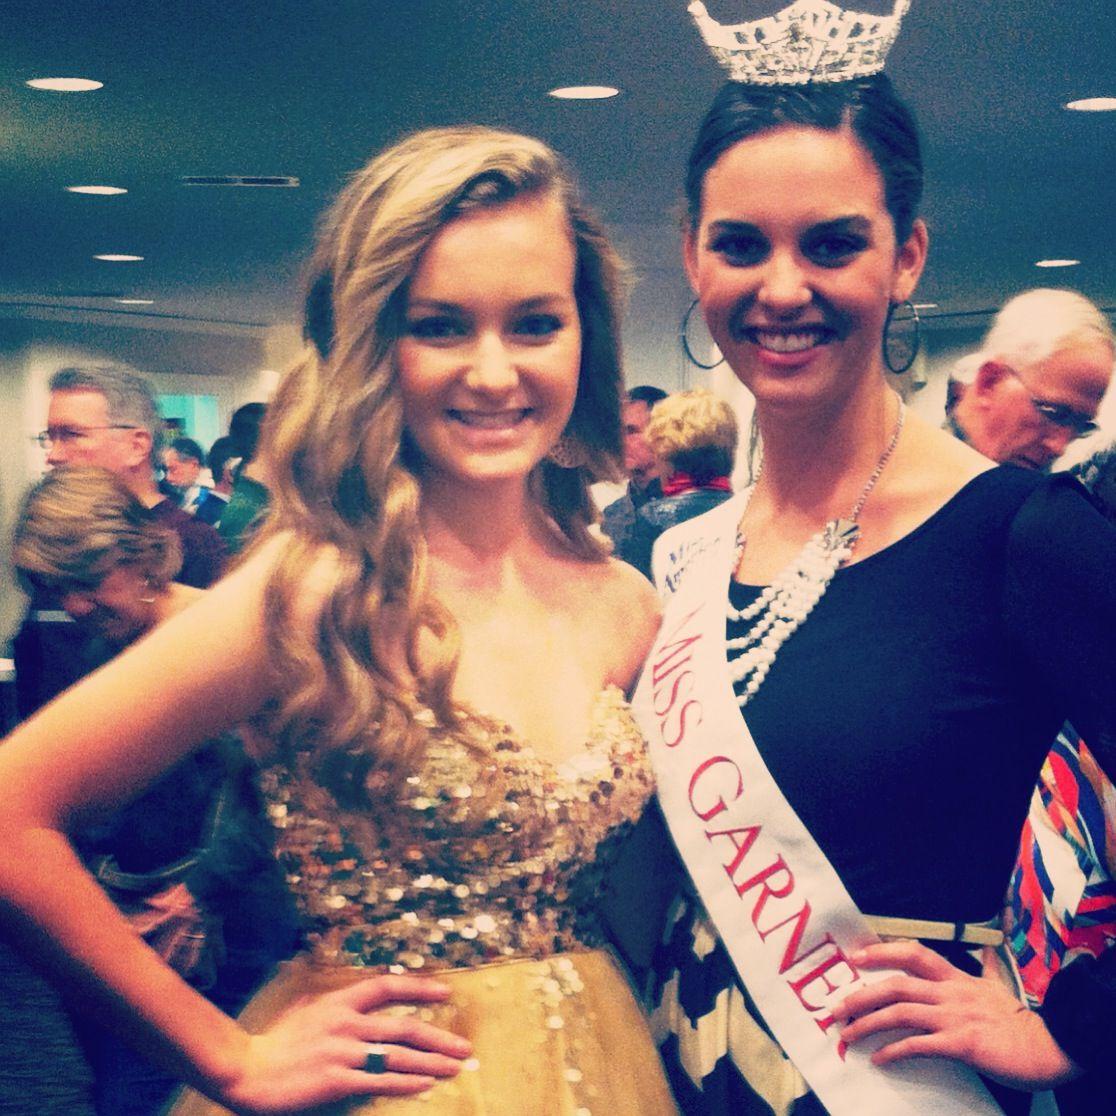 Savannah with Miss Garner after performing at GPAC in Garner NC